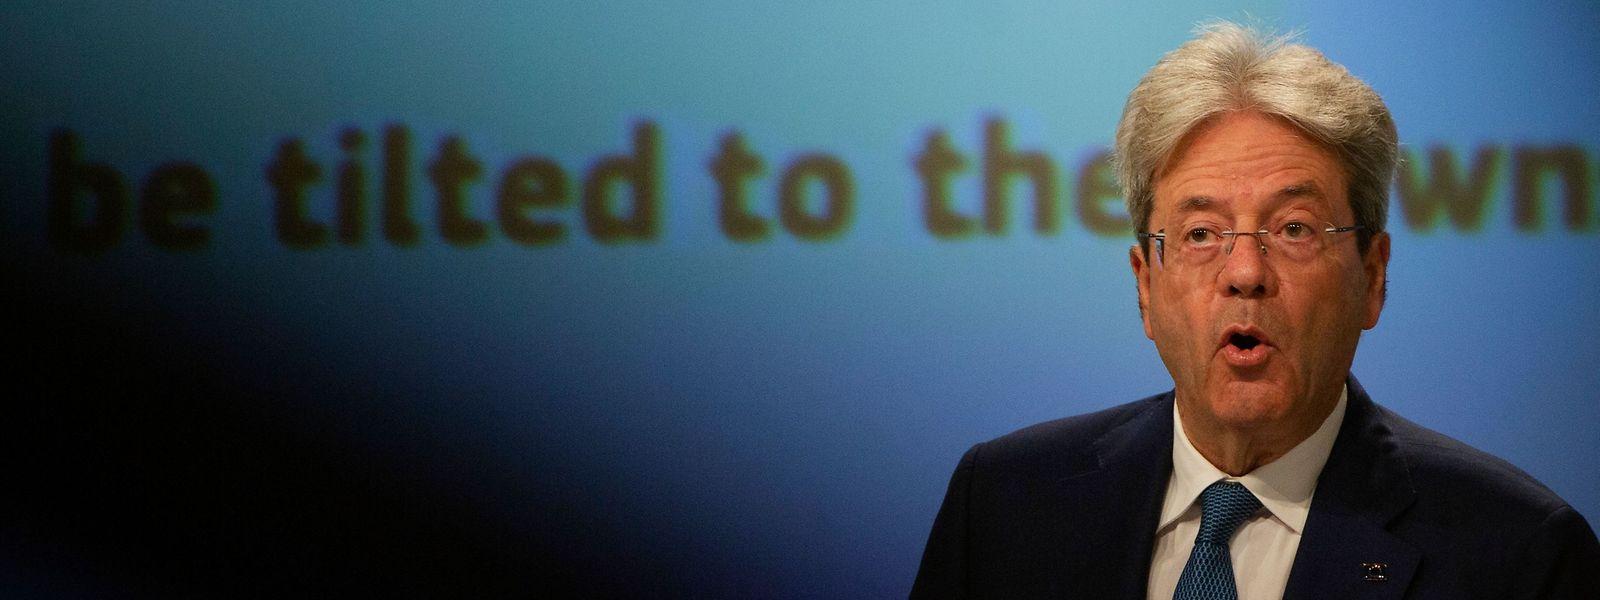 Pour le Commissaire européen en charge des affaires économiques, OpenLux a montré où se trouve l'Europe en matière de lutte contre l'évasion fiscale.